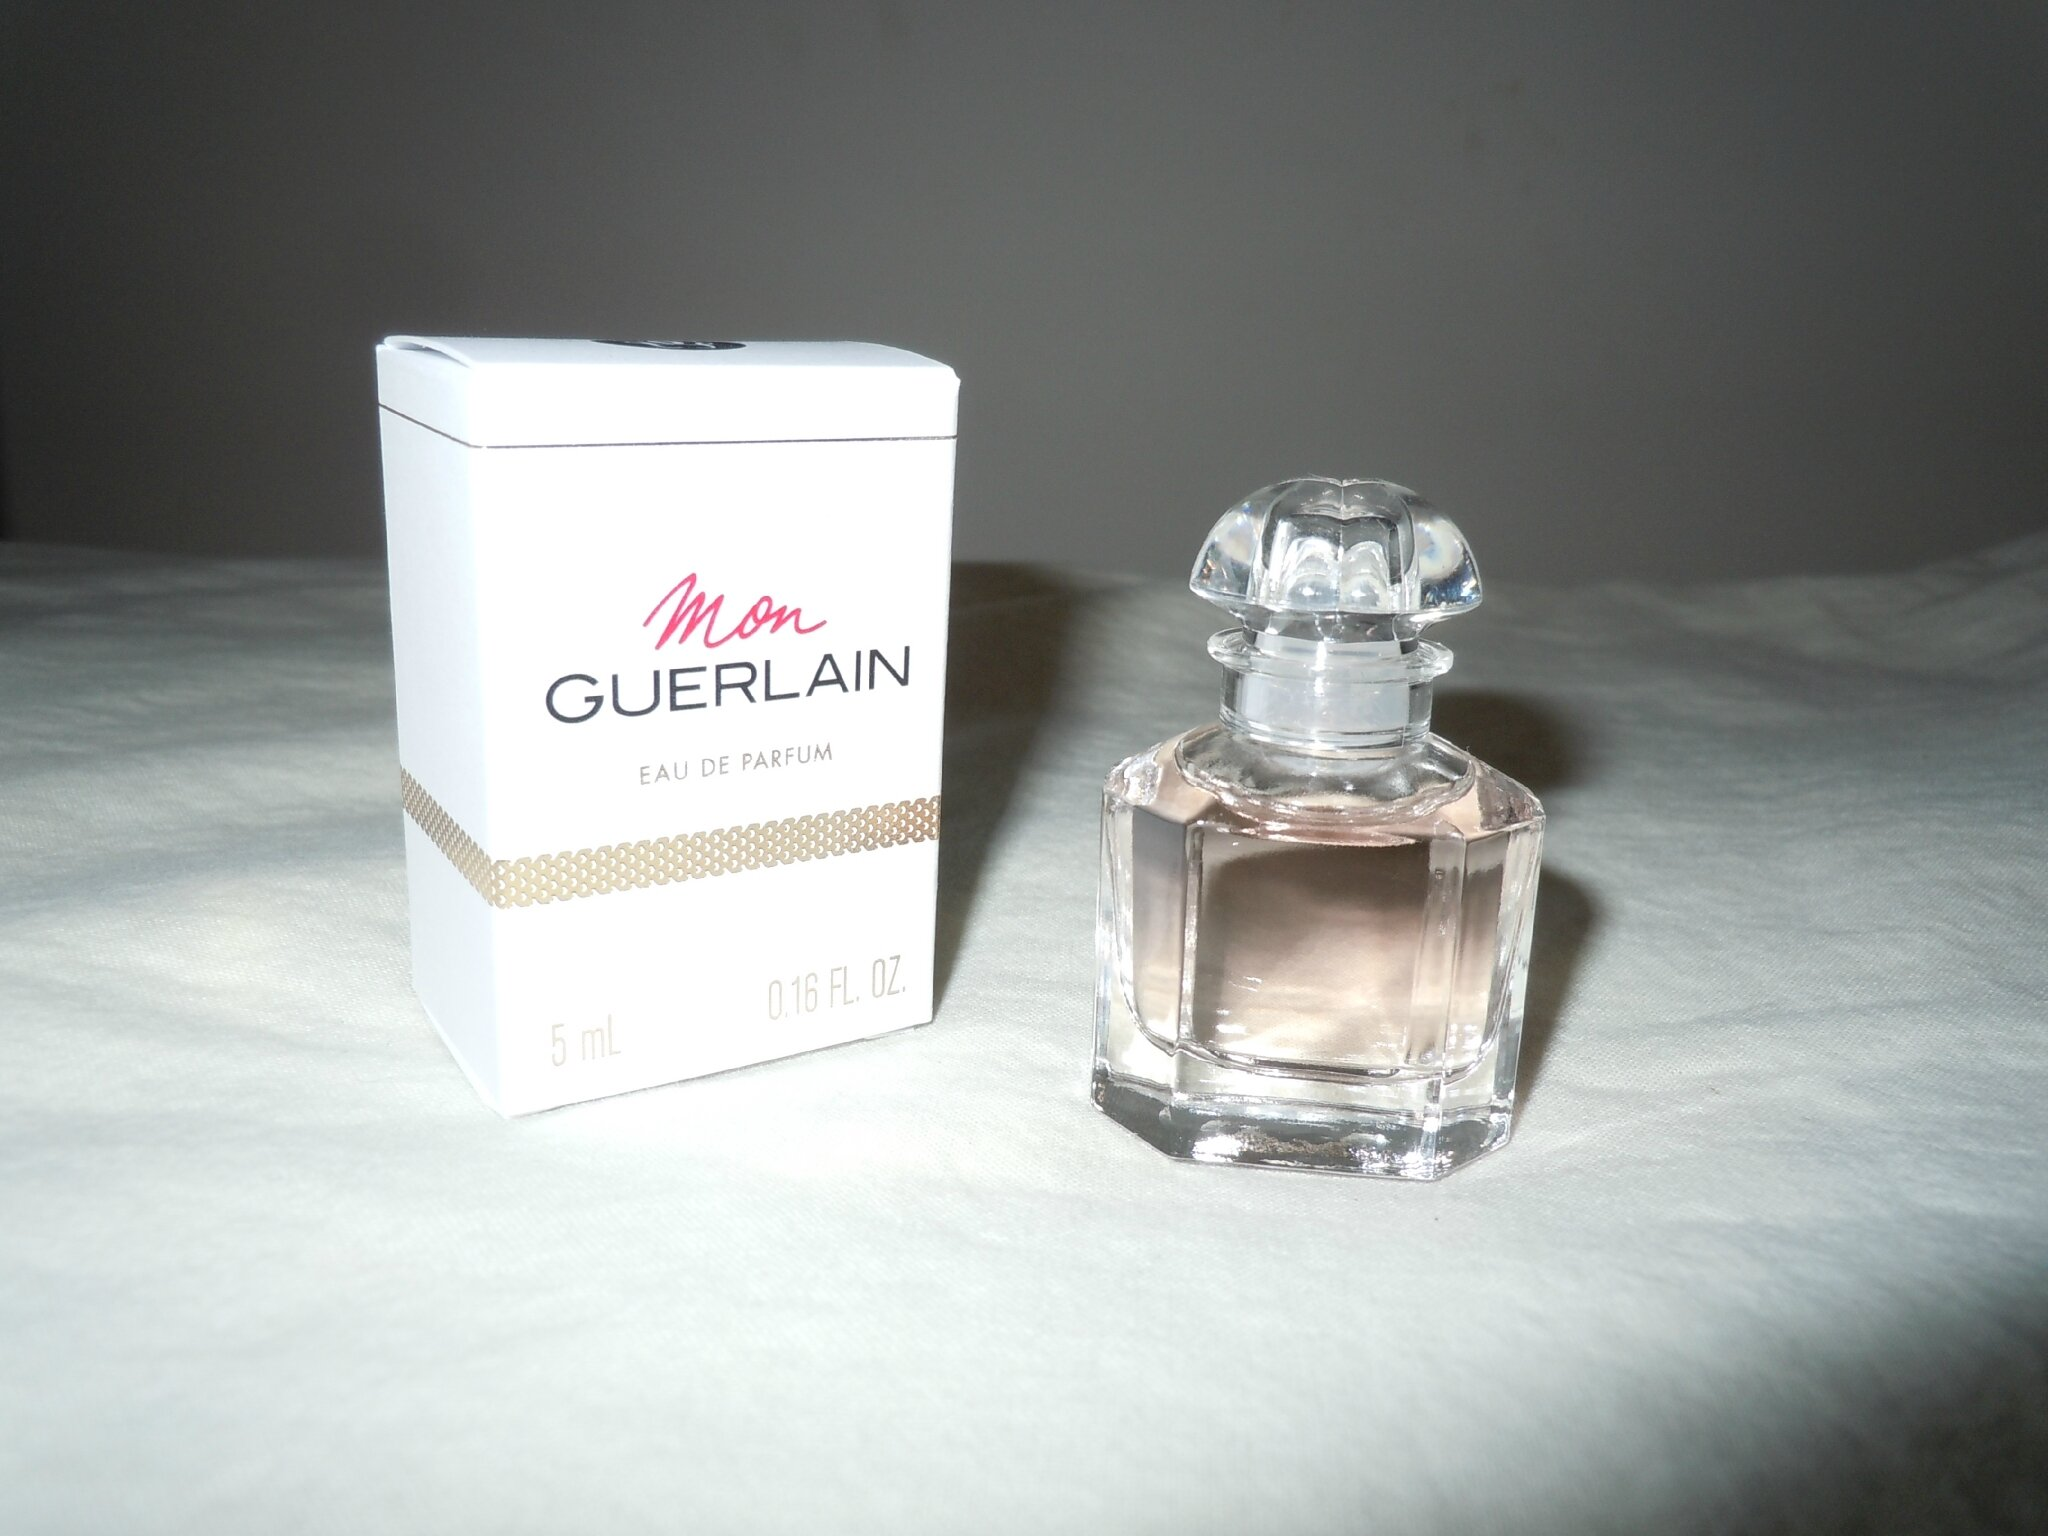 GUERLAIN-MONGUERLAIN